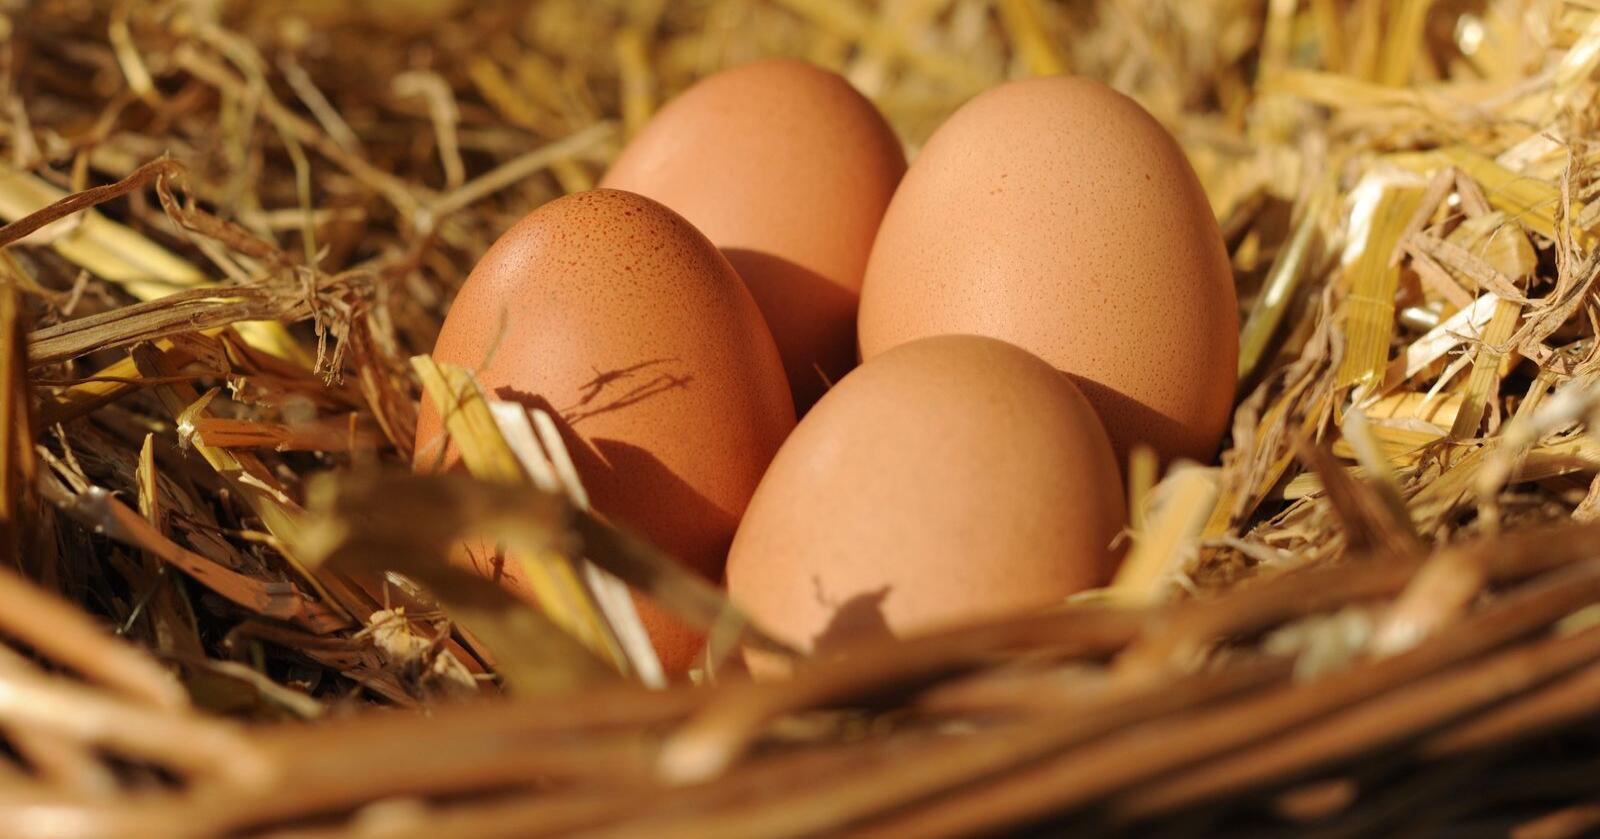 Dyreforsøk er ofte naudsynt i utvikling av medisinar. Befrukta egg av vanlege gardshøns kan kanskje brukast i staden for. Foto: Frank May / NTB/ NPK